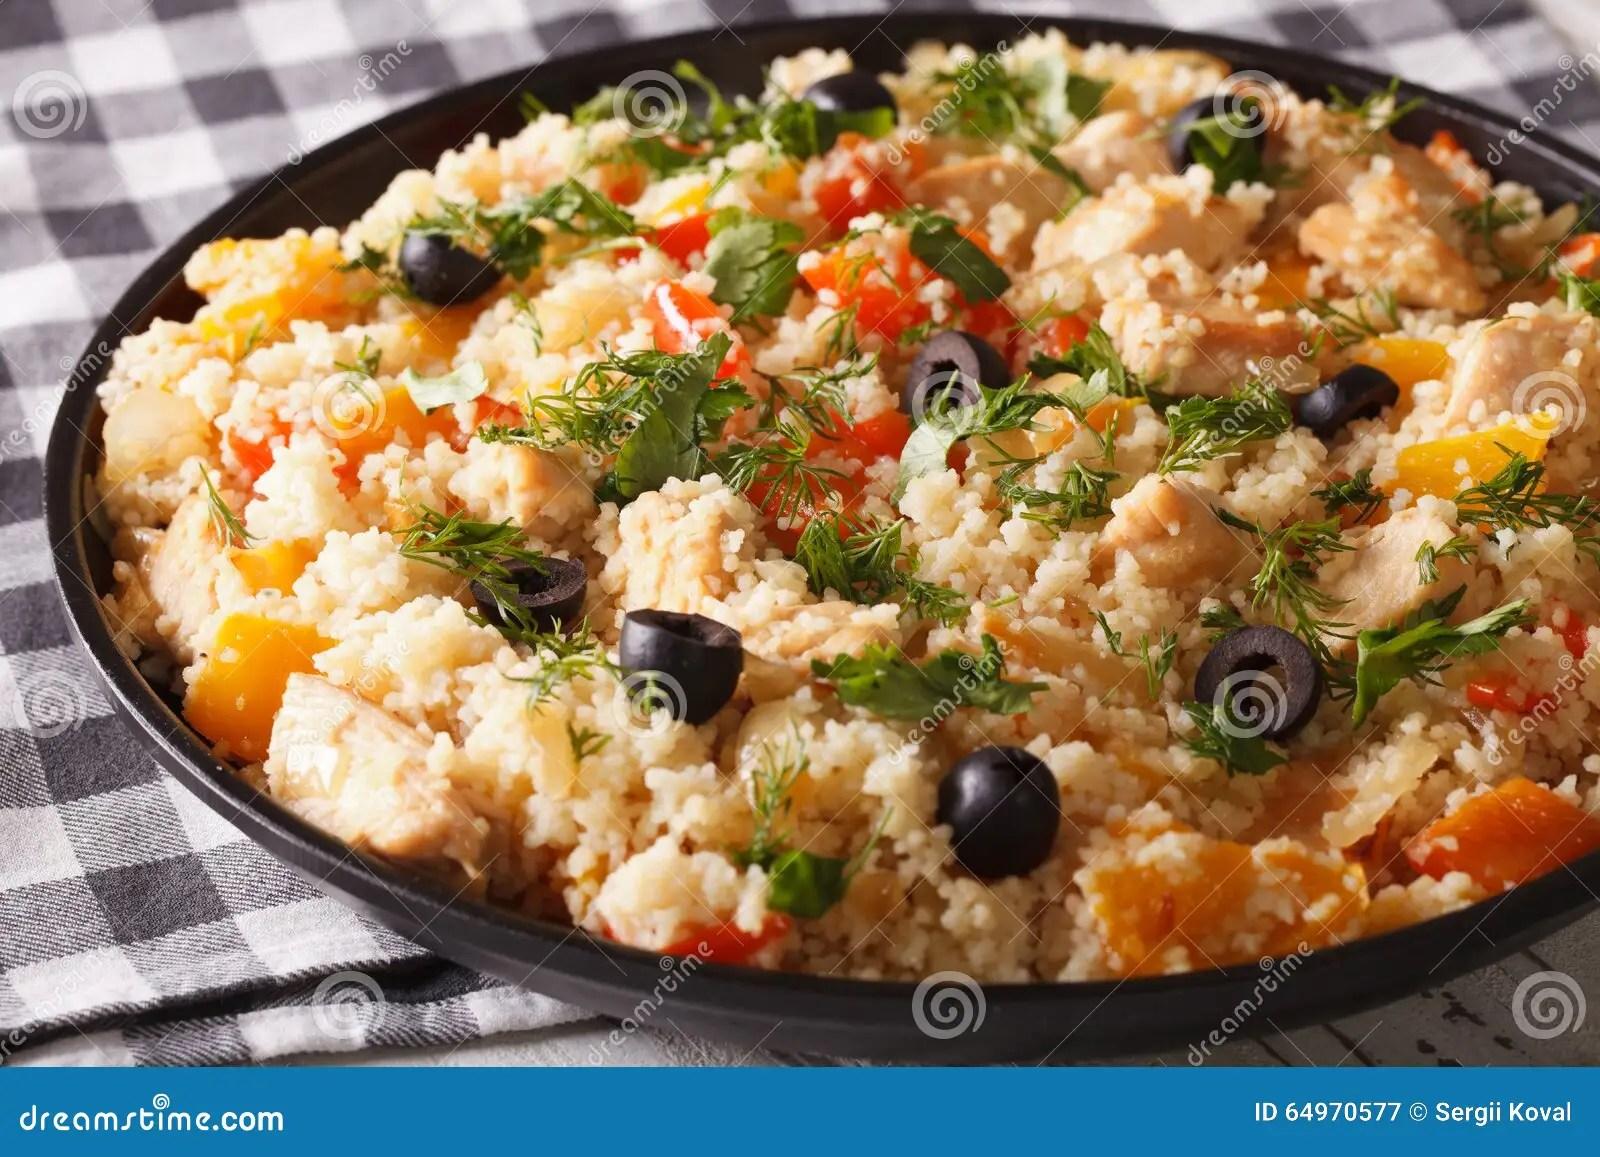 Arabische Küche Rezepte   Arabische Küche Kochbuch